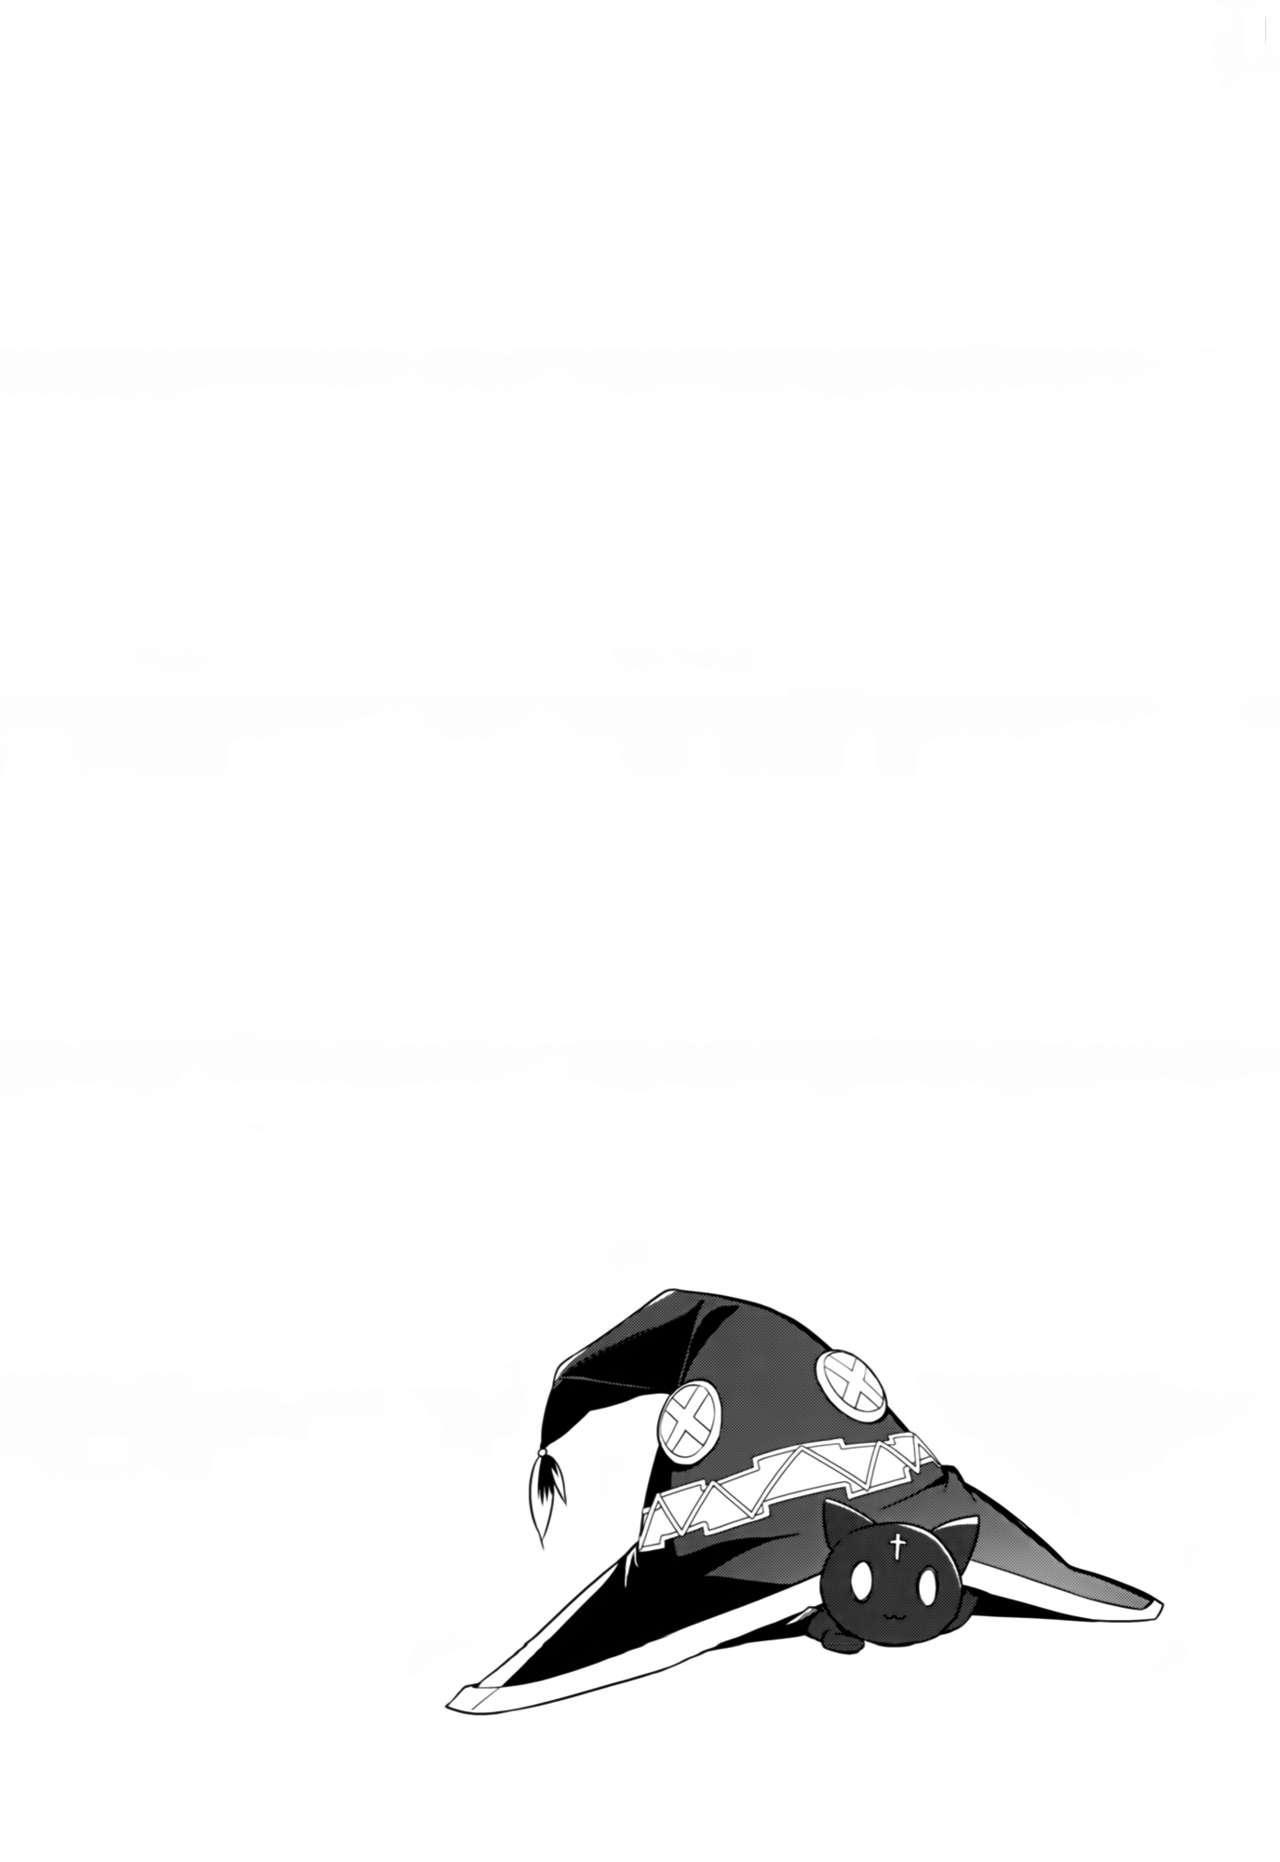 Kono Bakuretsu Musume to Icha Love o! 3